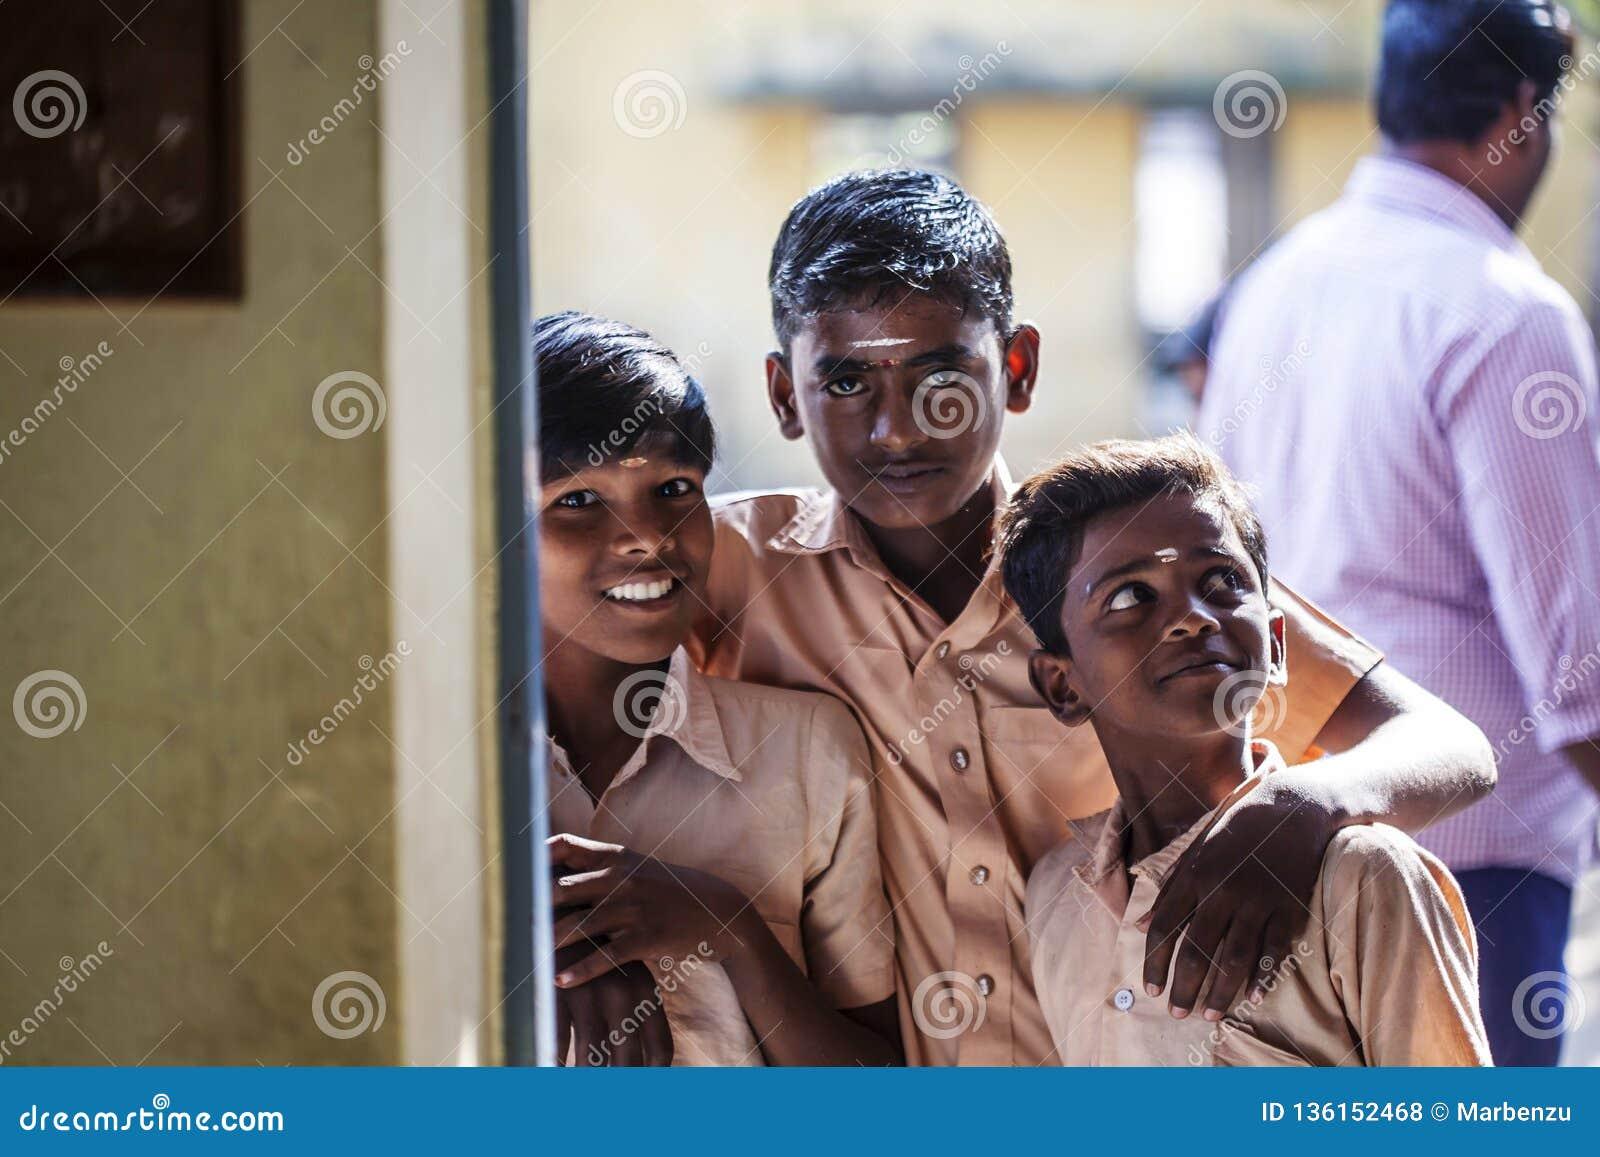 Ινδικό δημόσιο σχολείο, παιδιά στις σχολικές στολές που χαιρετούν τη νέα ημέρα